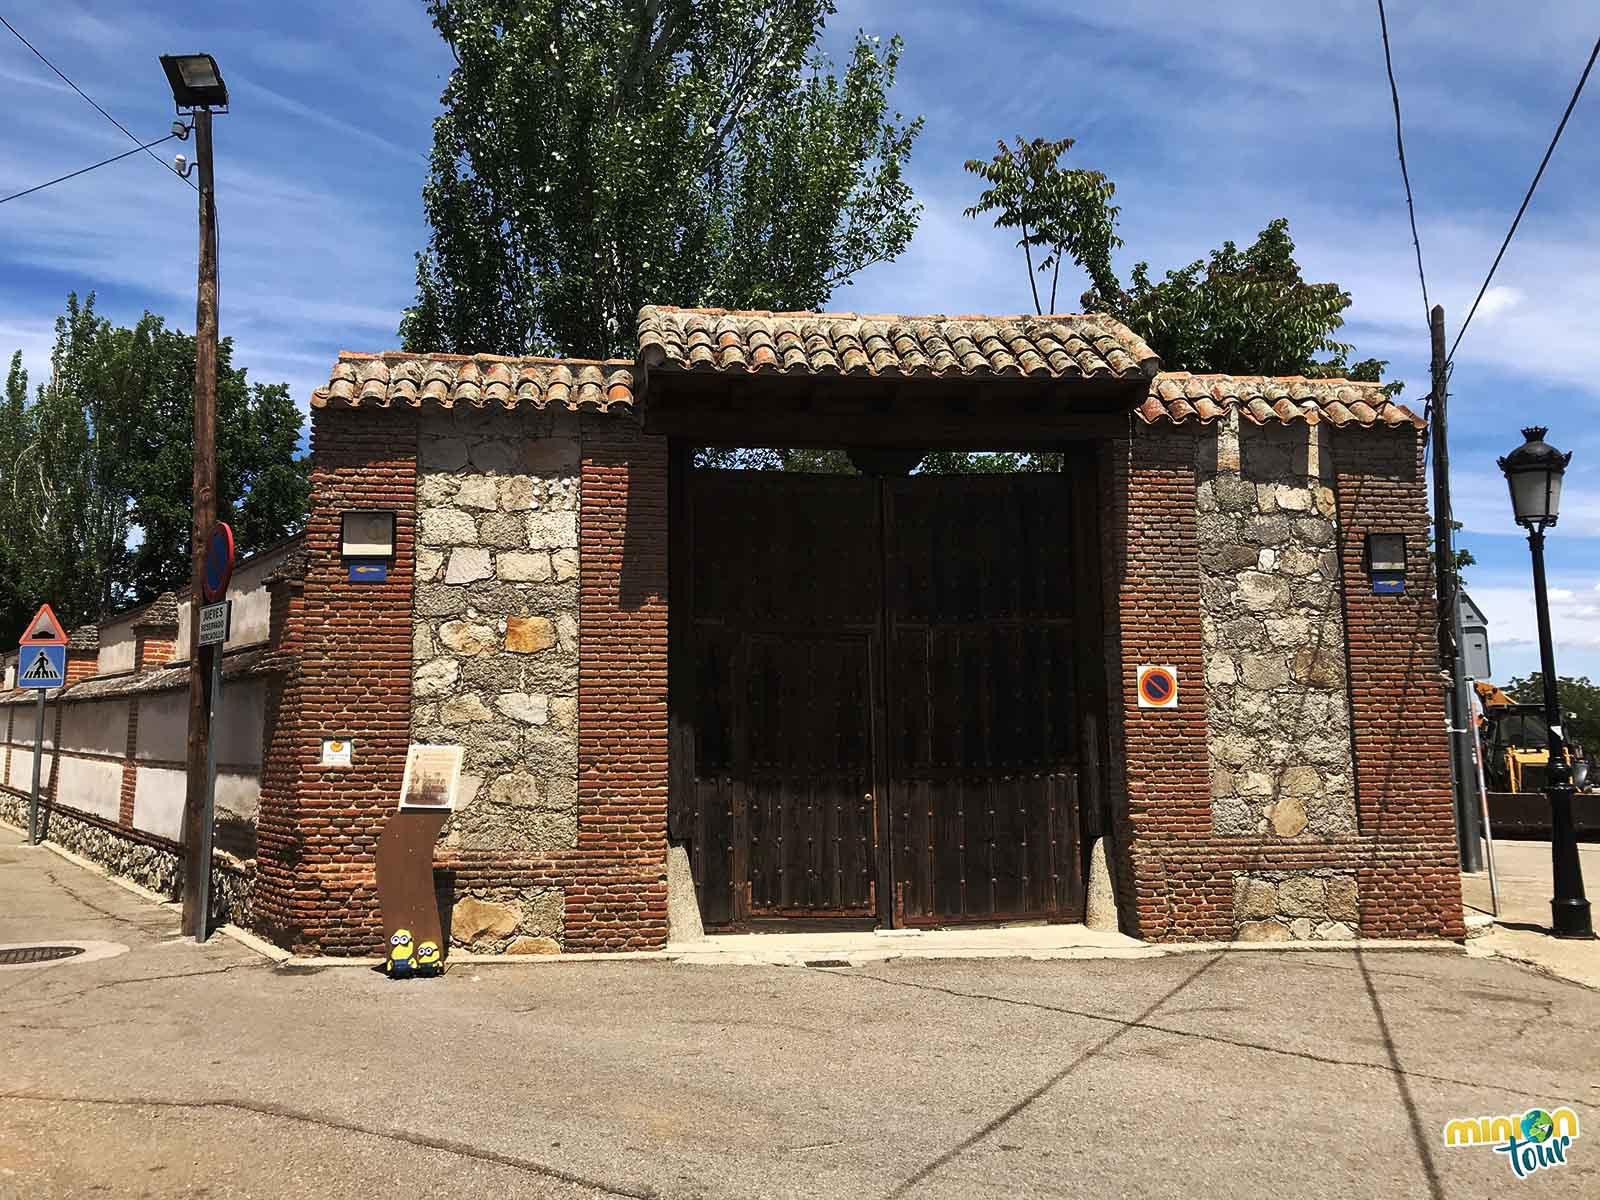 Por Escalona pasa el Camino de Santiago